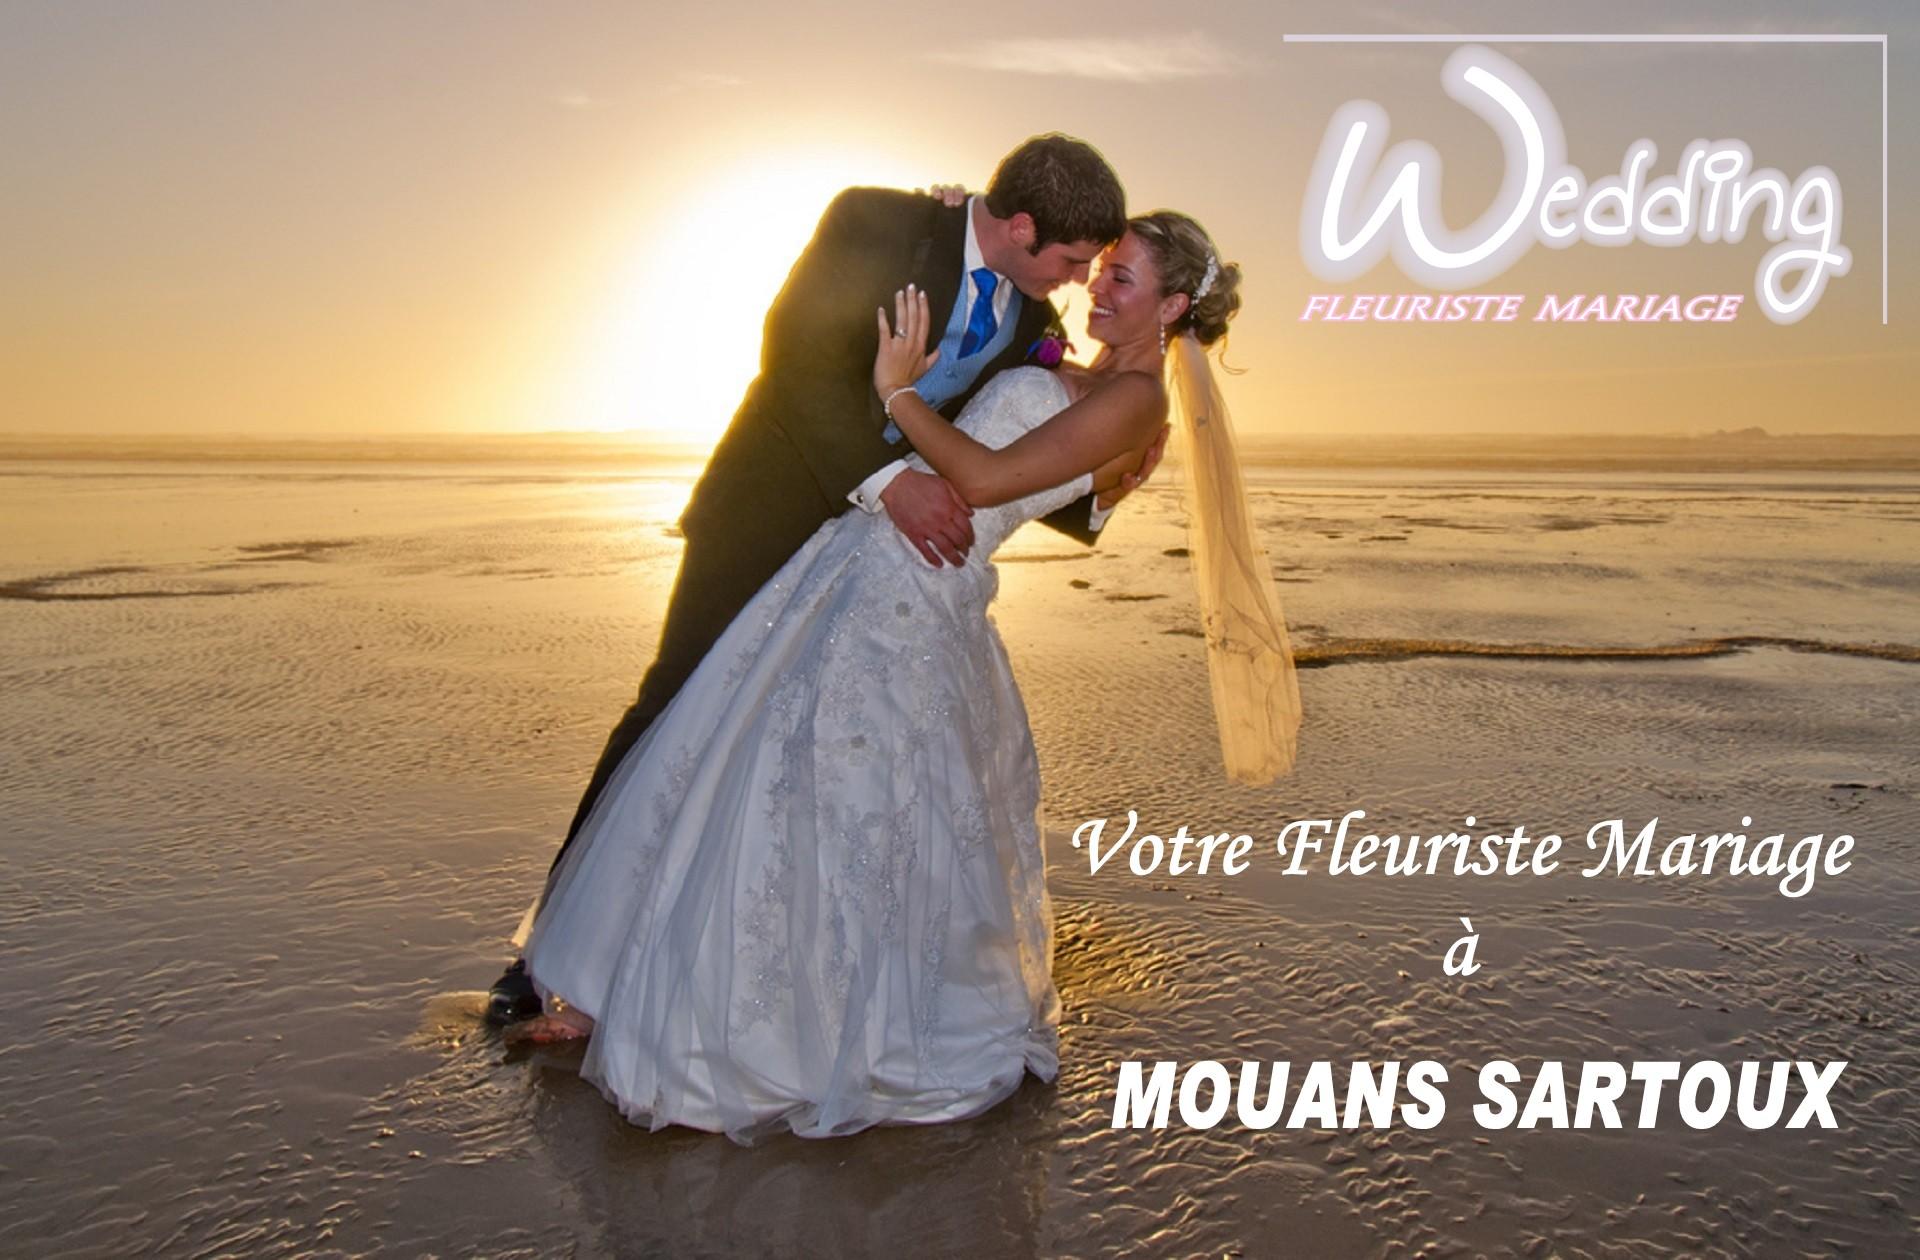 FLEURISTE MARIAGE MOUANS SARTOUX - WEDDING PLANNER MOUANS SARTOUX - TRAITEUR MOUANS SARTOUX